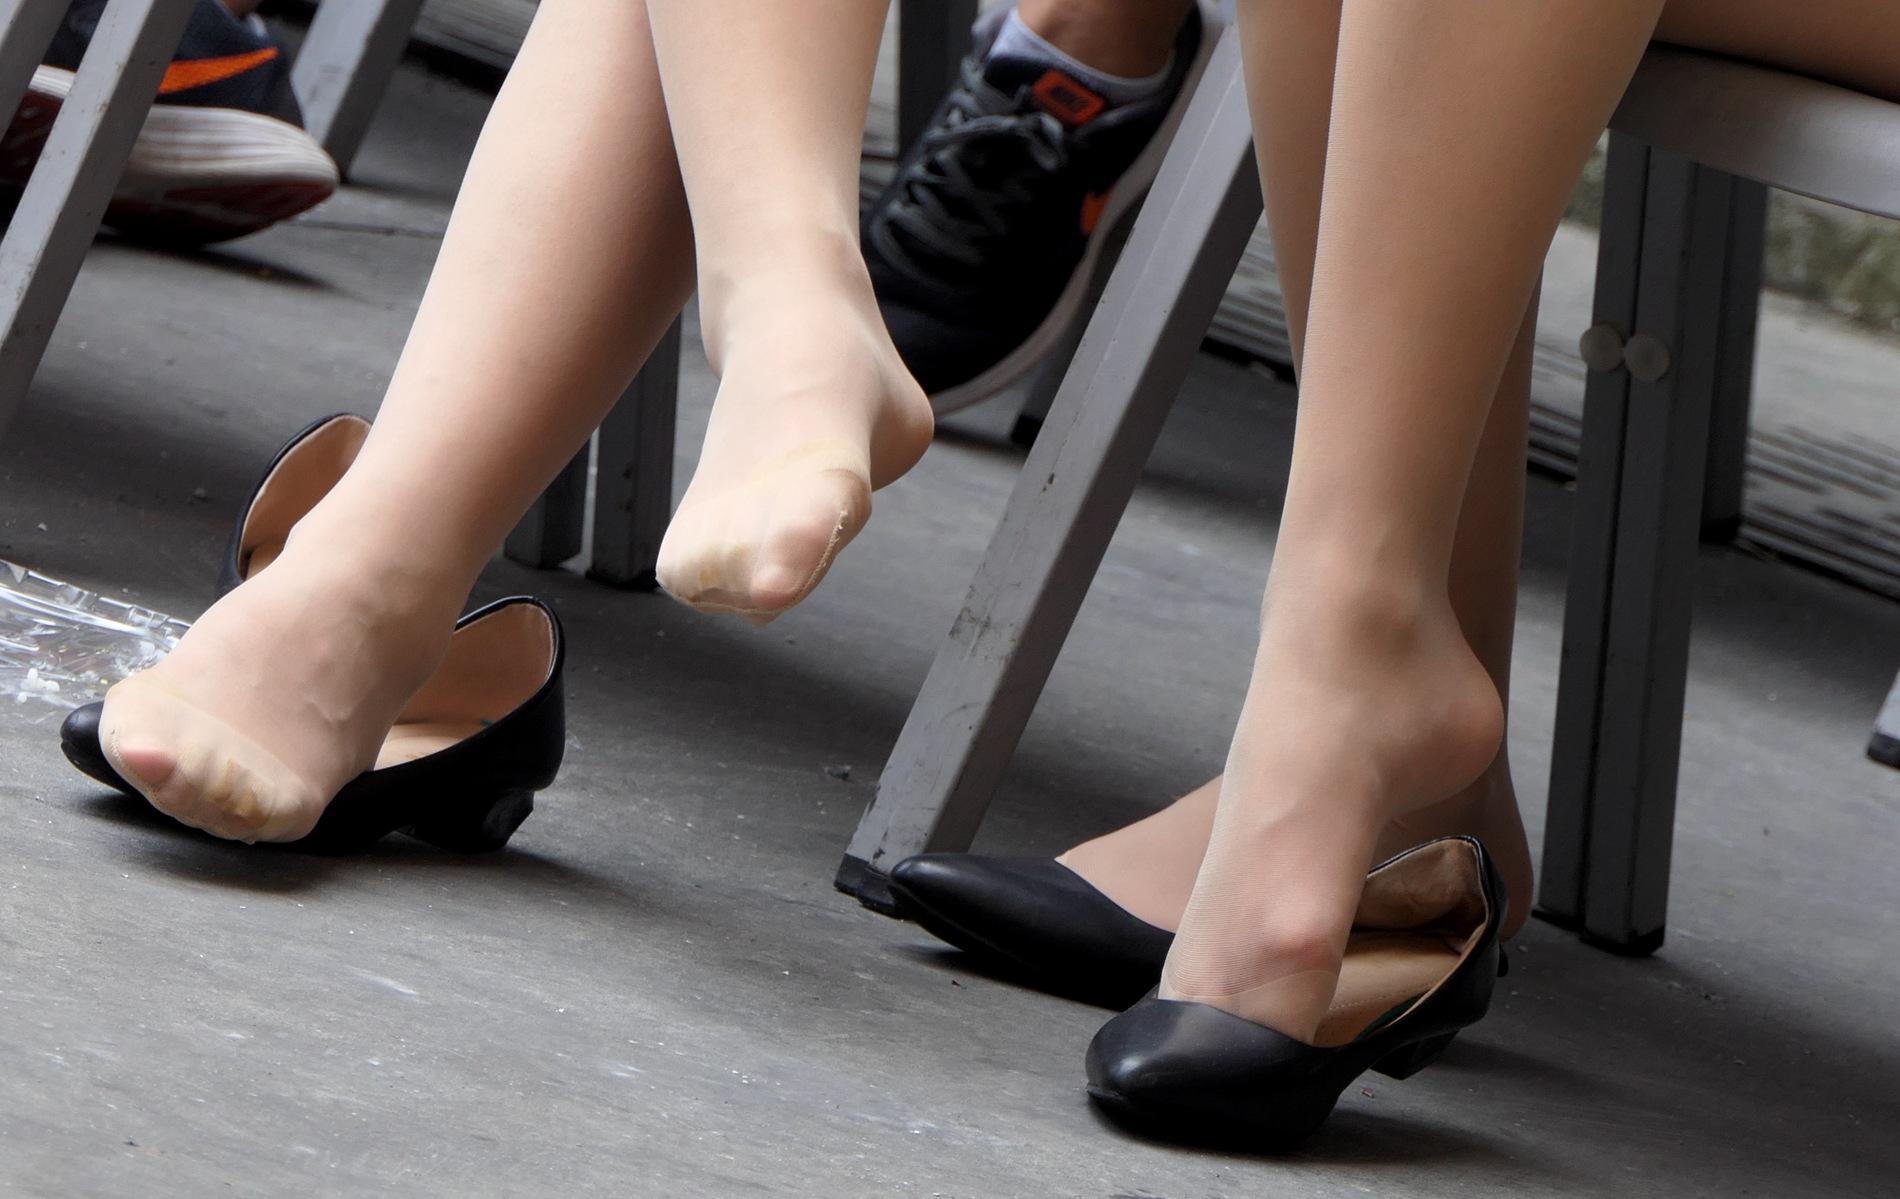 【jim2】2个休息吃饭的漂亮肉街拍丝袜袜美女(20p) - 签约原创独发作品- 街拍第一站